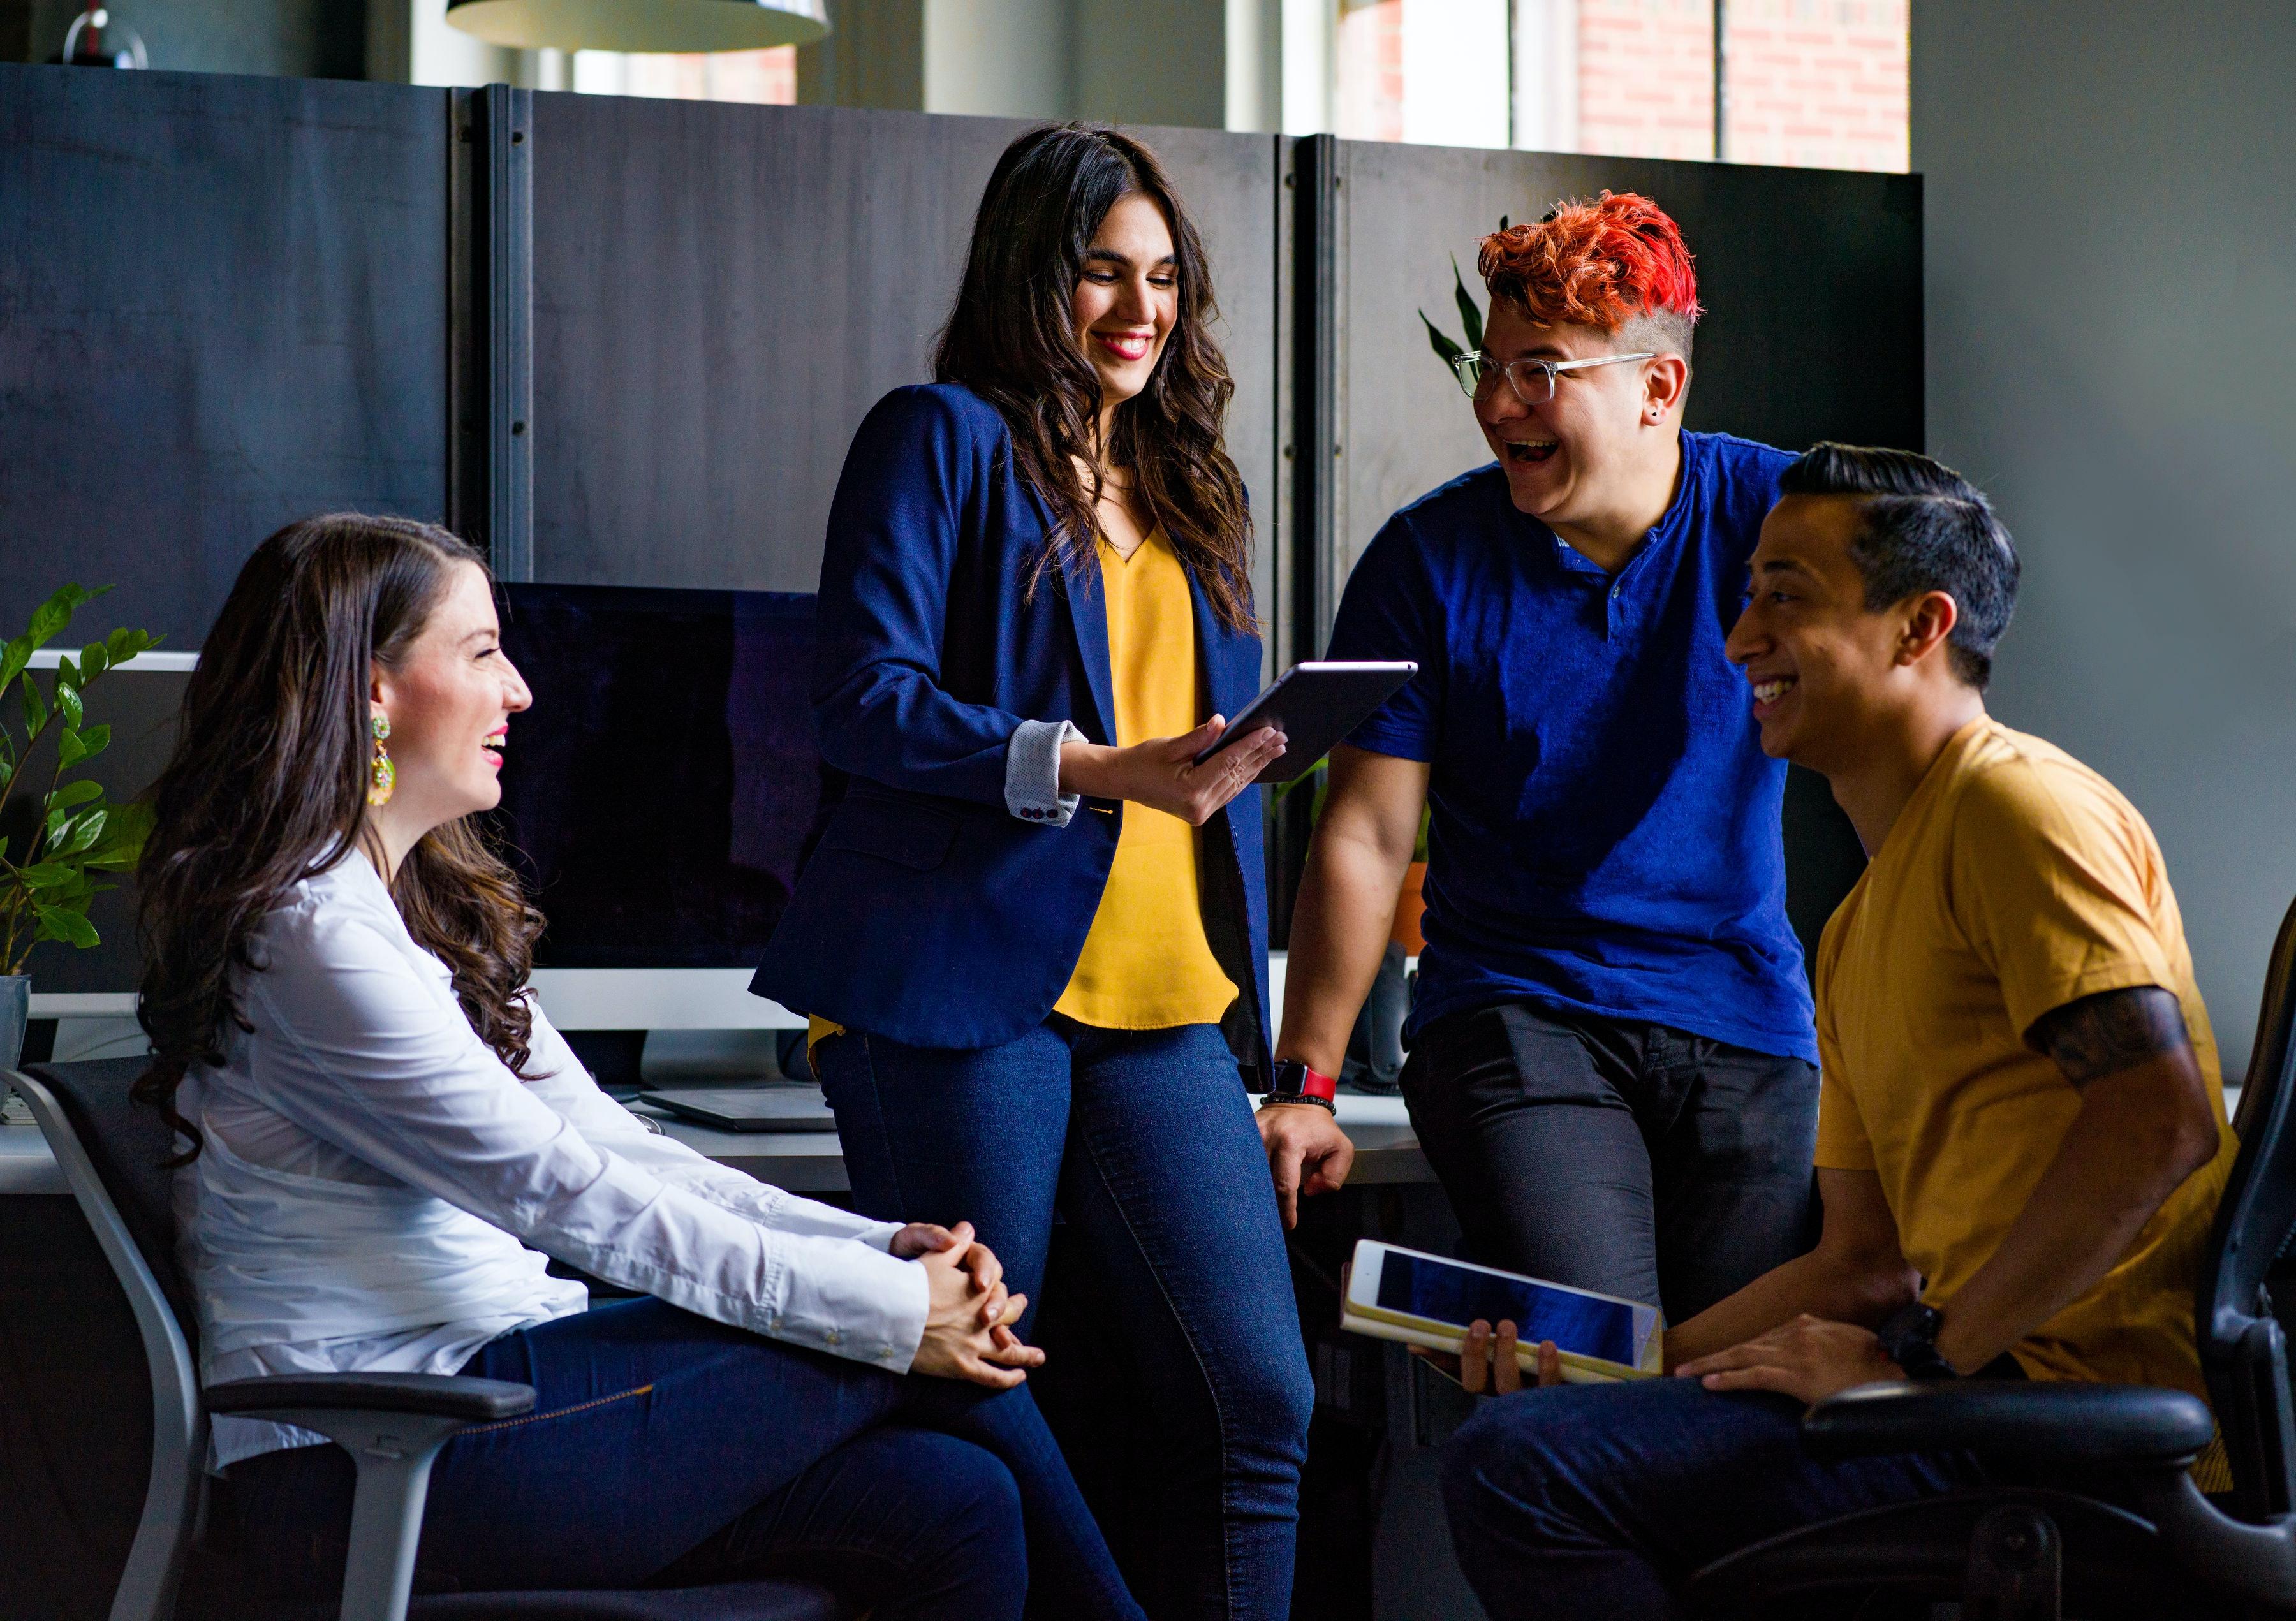 group management, build group trust,